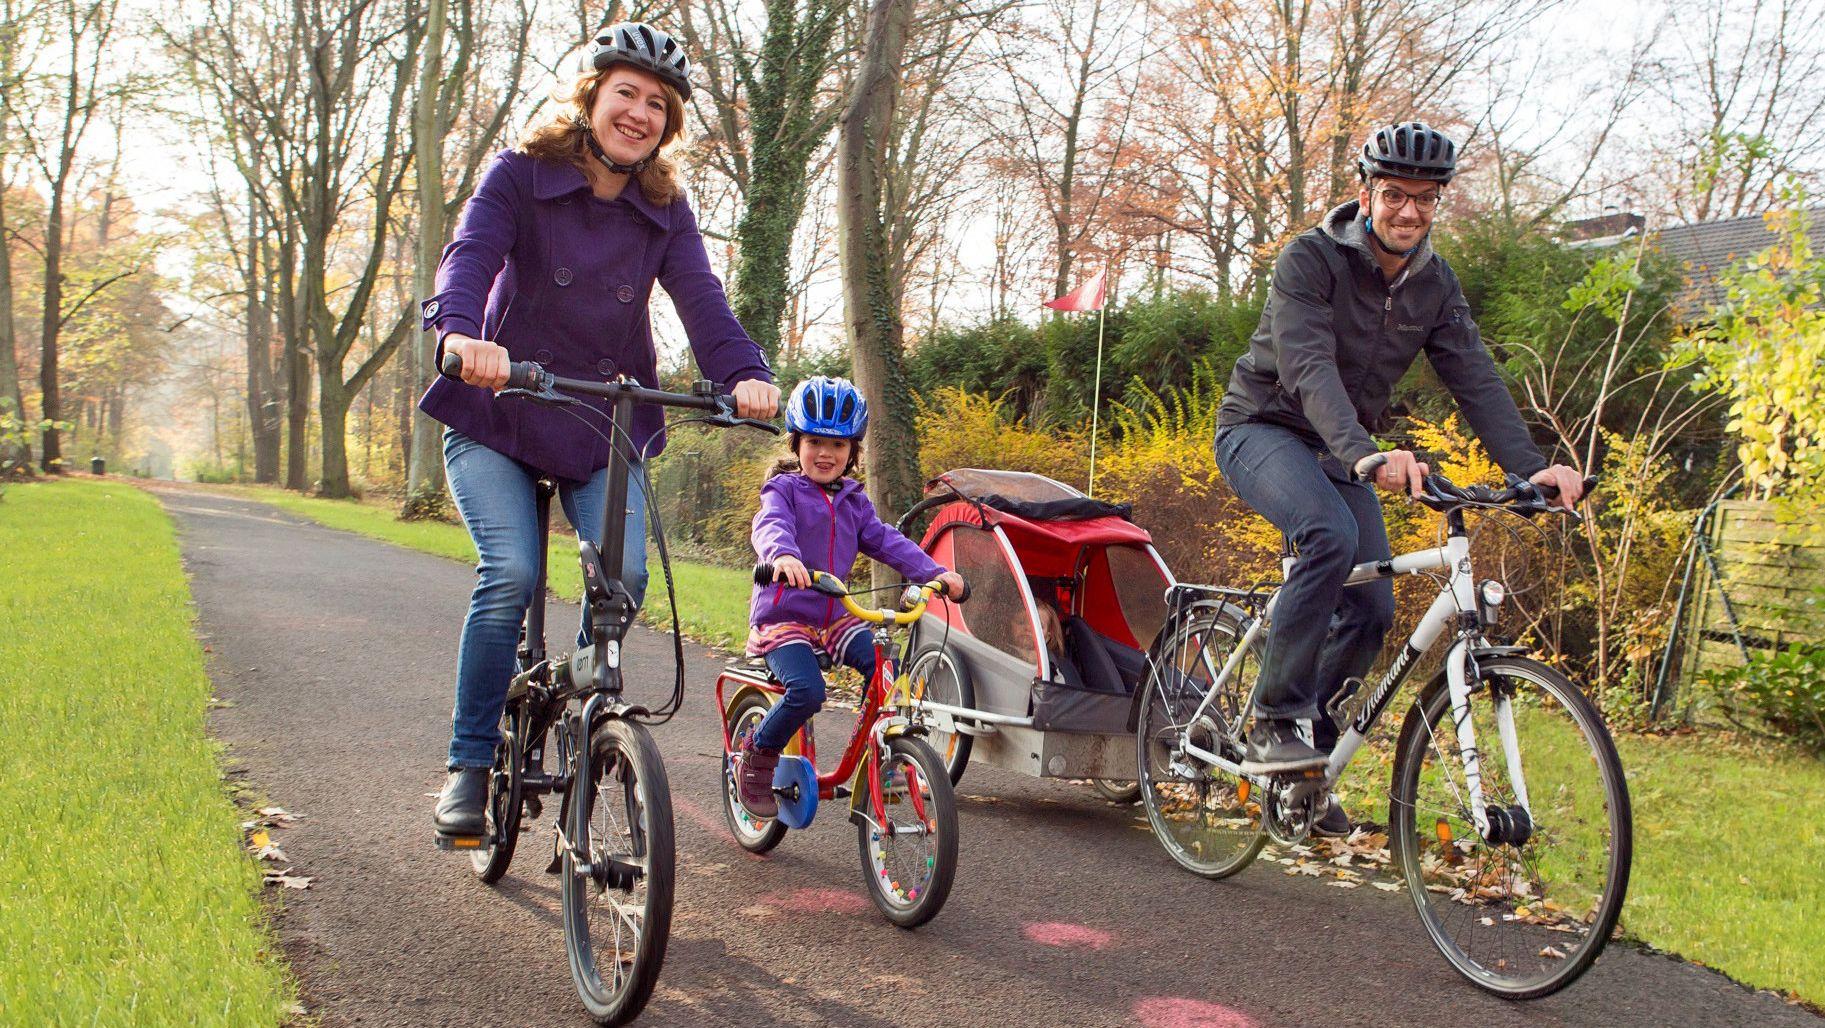 Familie mit Helmen fährt auf Fahrrädern